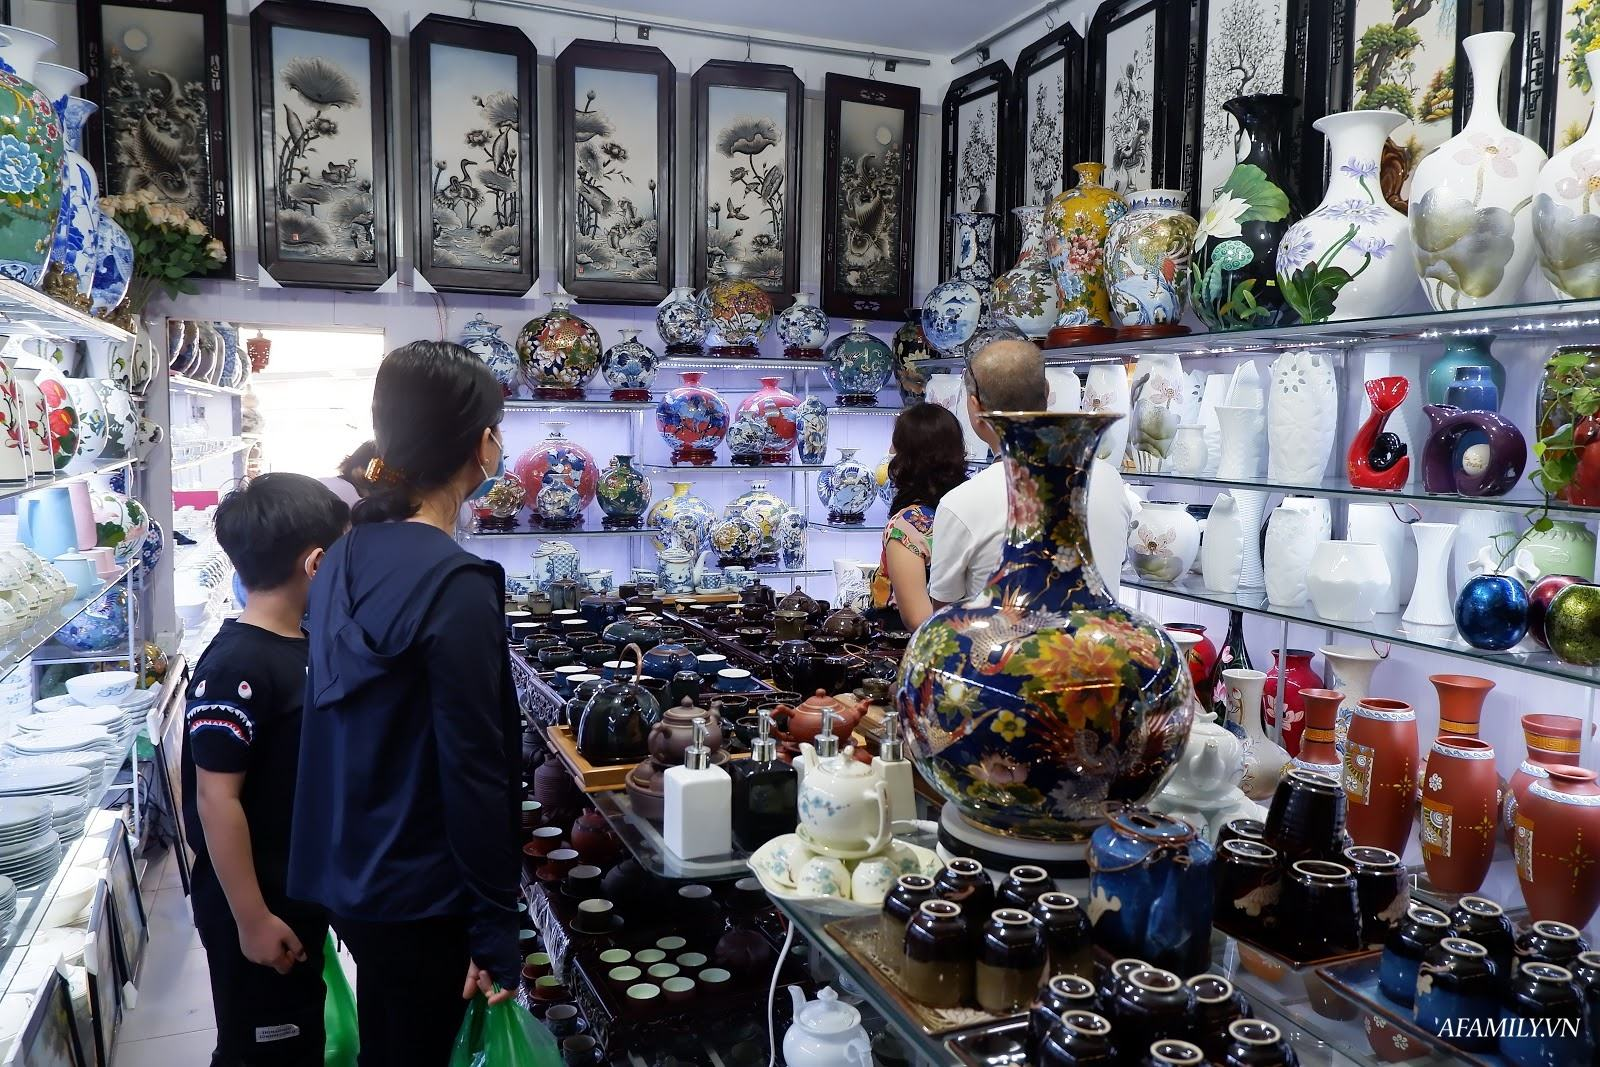 Kinh nghiệm chọn mua đồ gốm sứ Bát Tràng để mười mẫu thì an toàn và chất  lượng cả mười